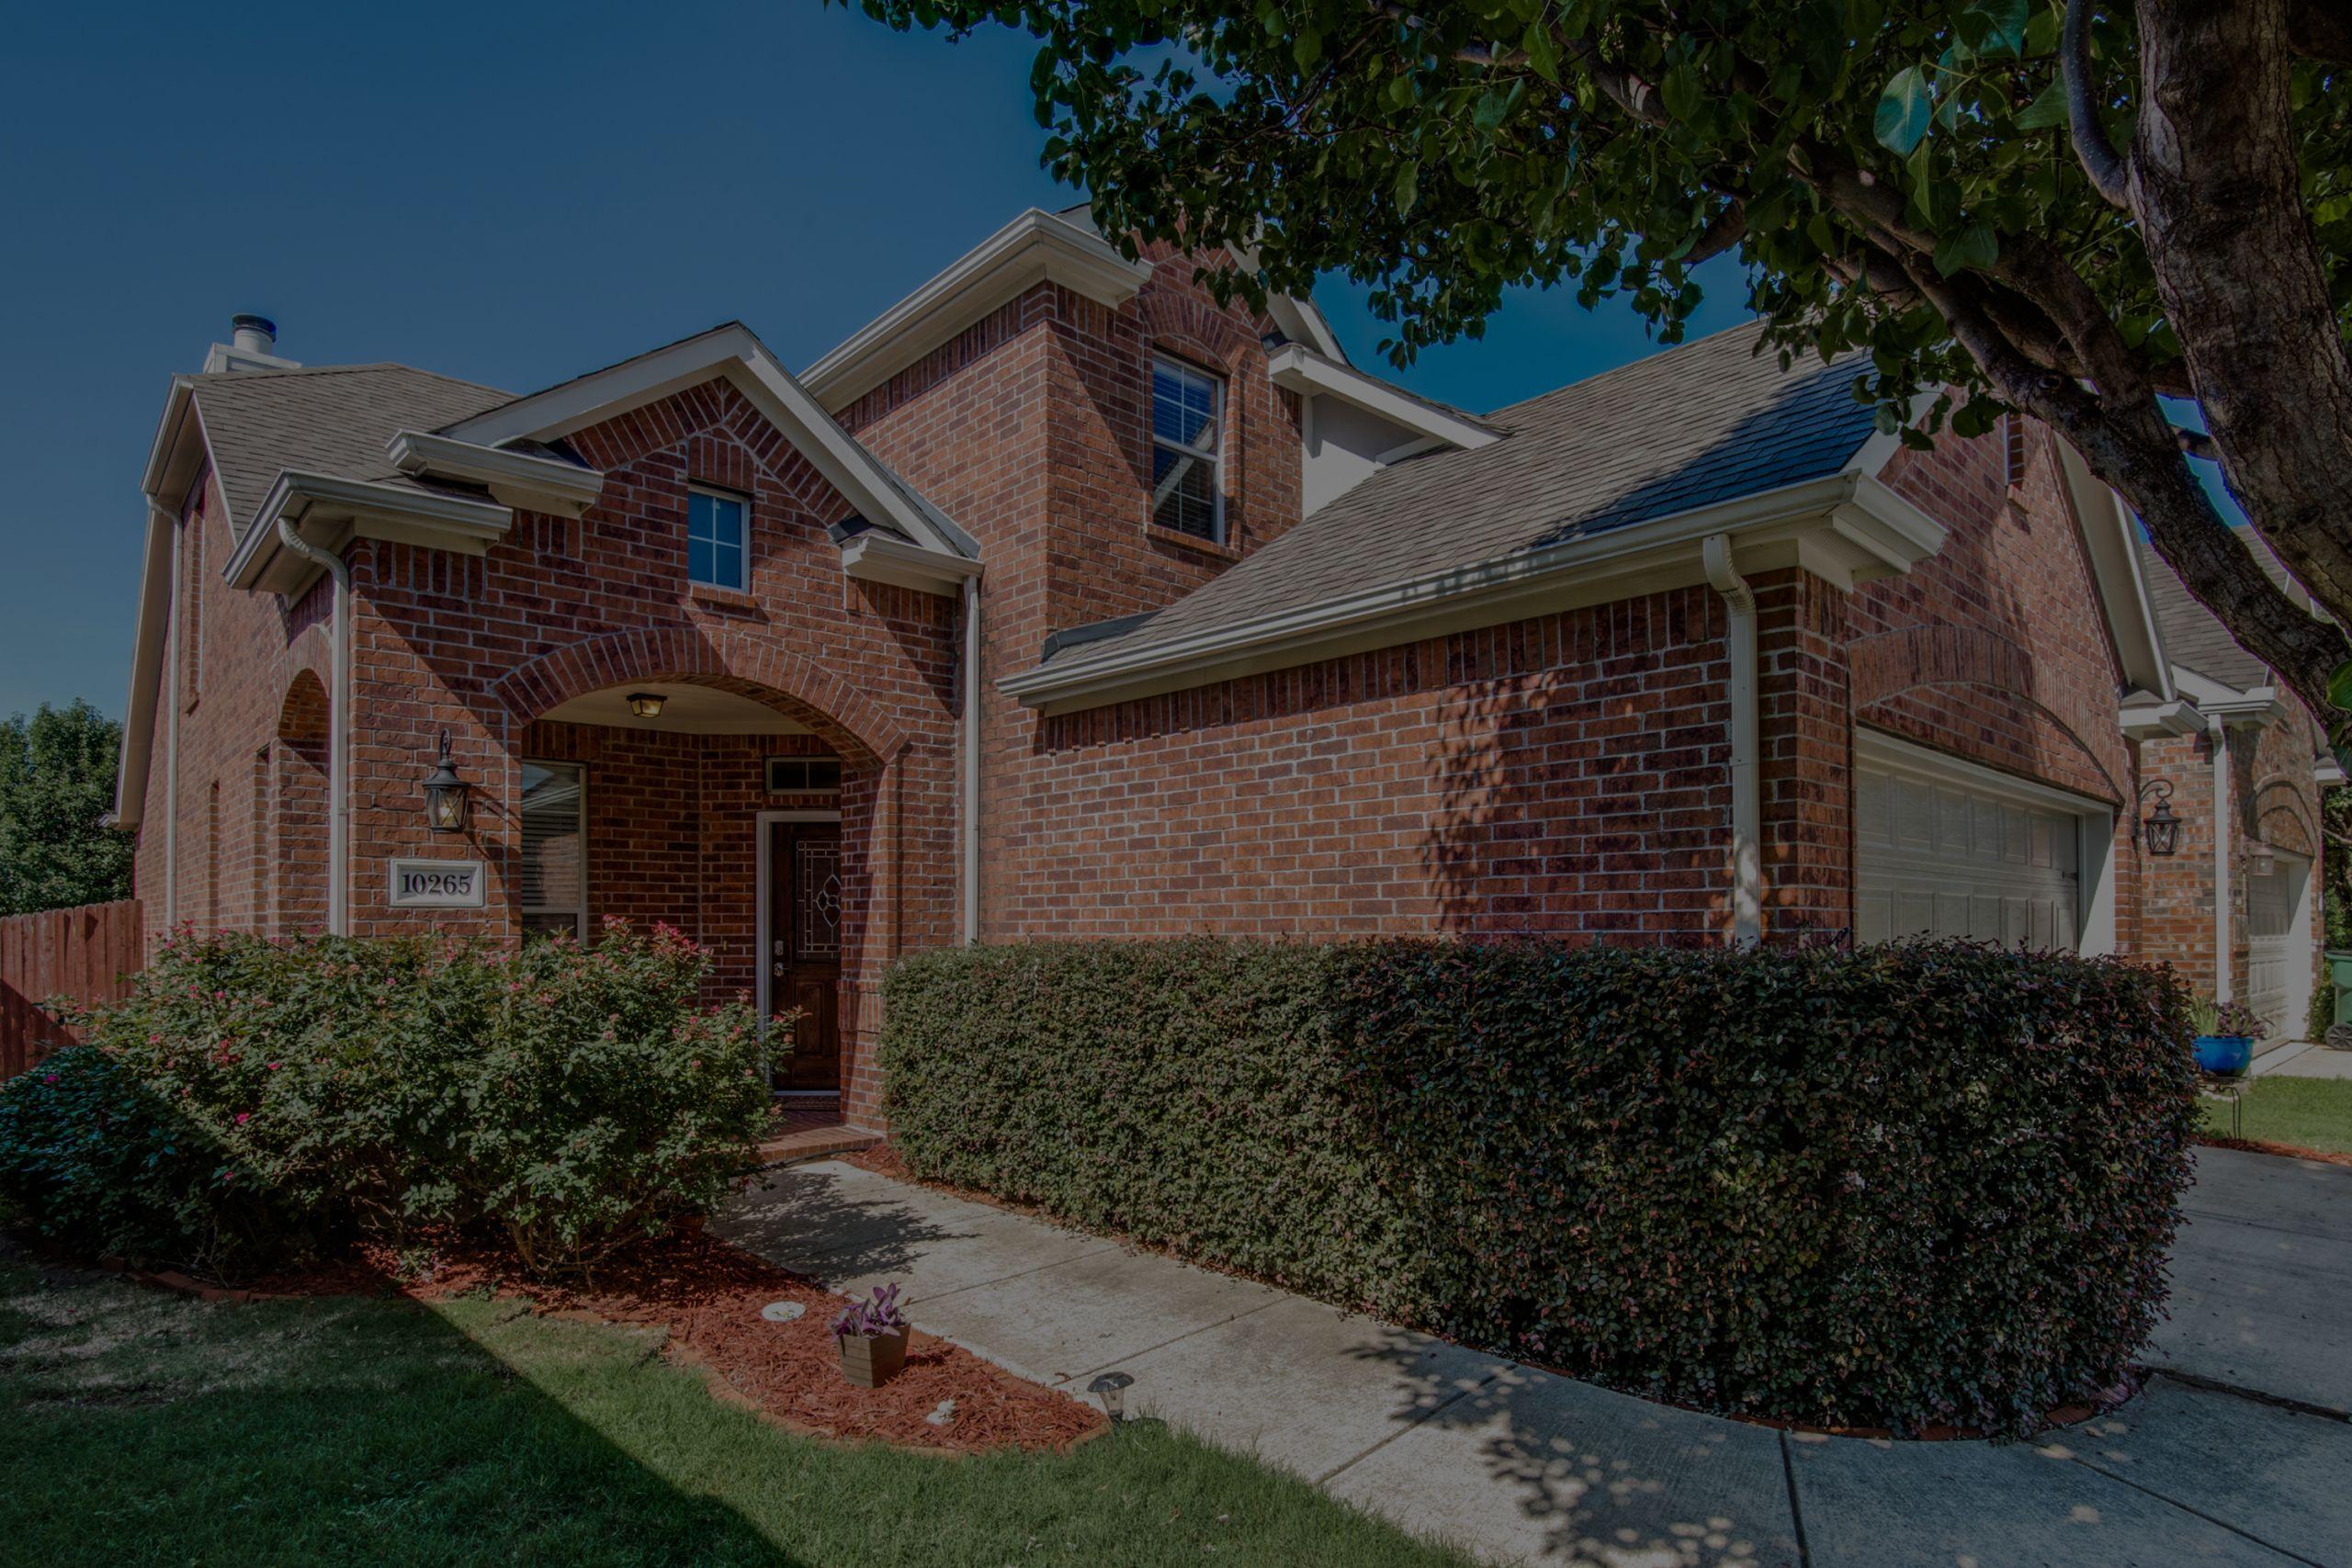 10265 Benwick Drive, McKinney, TX 75070